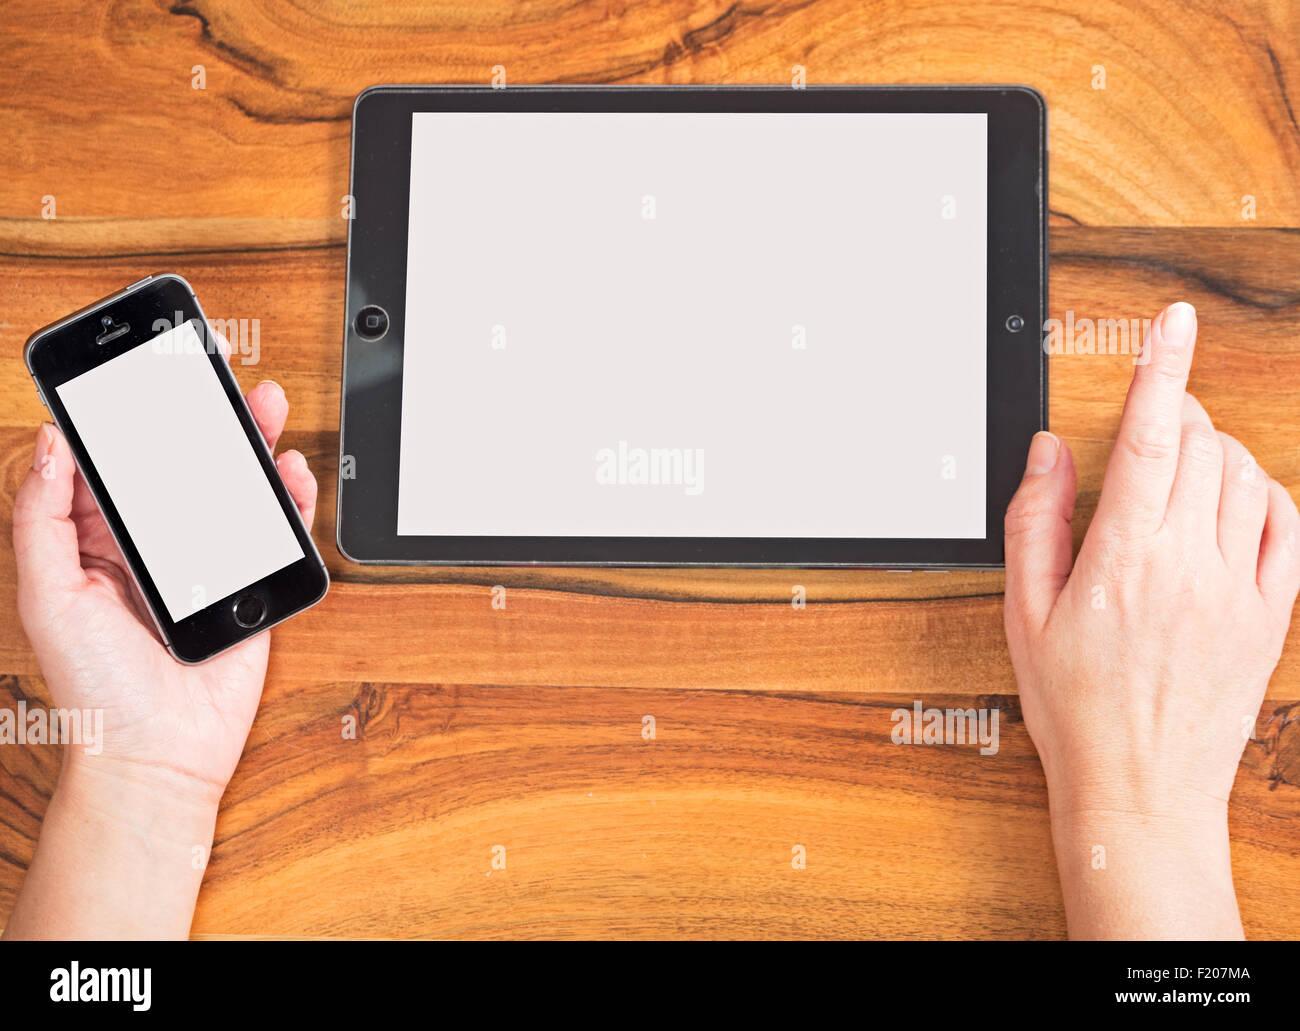 Hände mit Handy und Tablet Computer - Stock Image